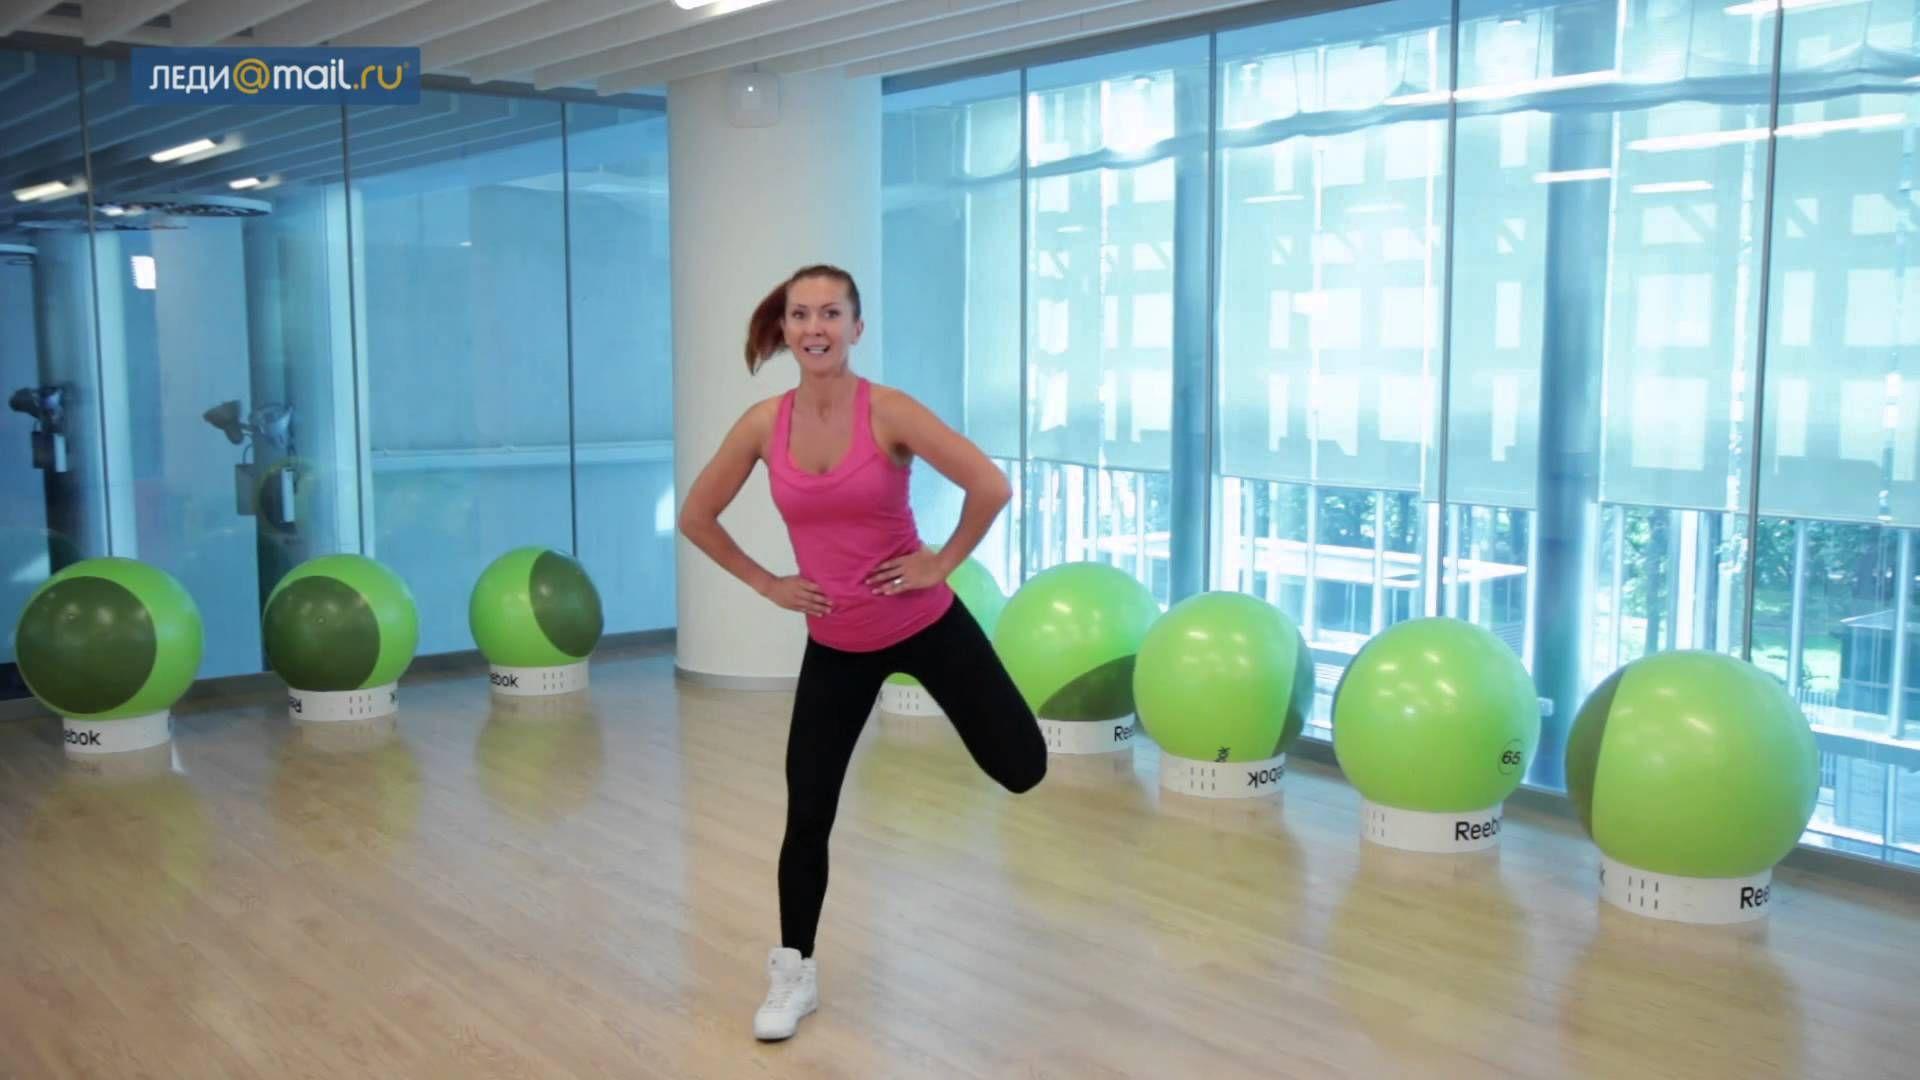 танцевальная зумба для похудения видео